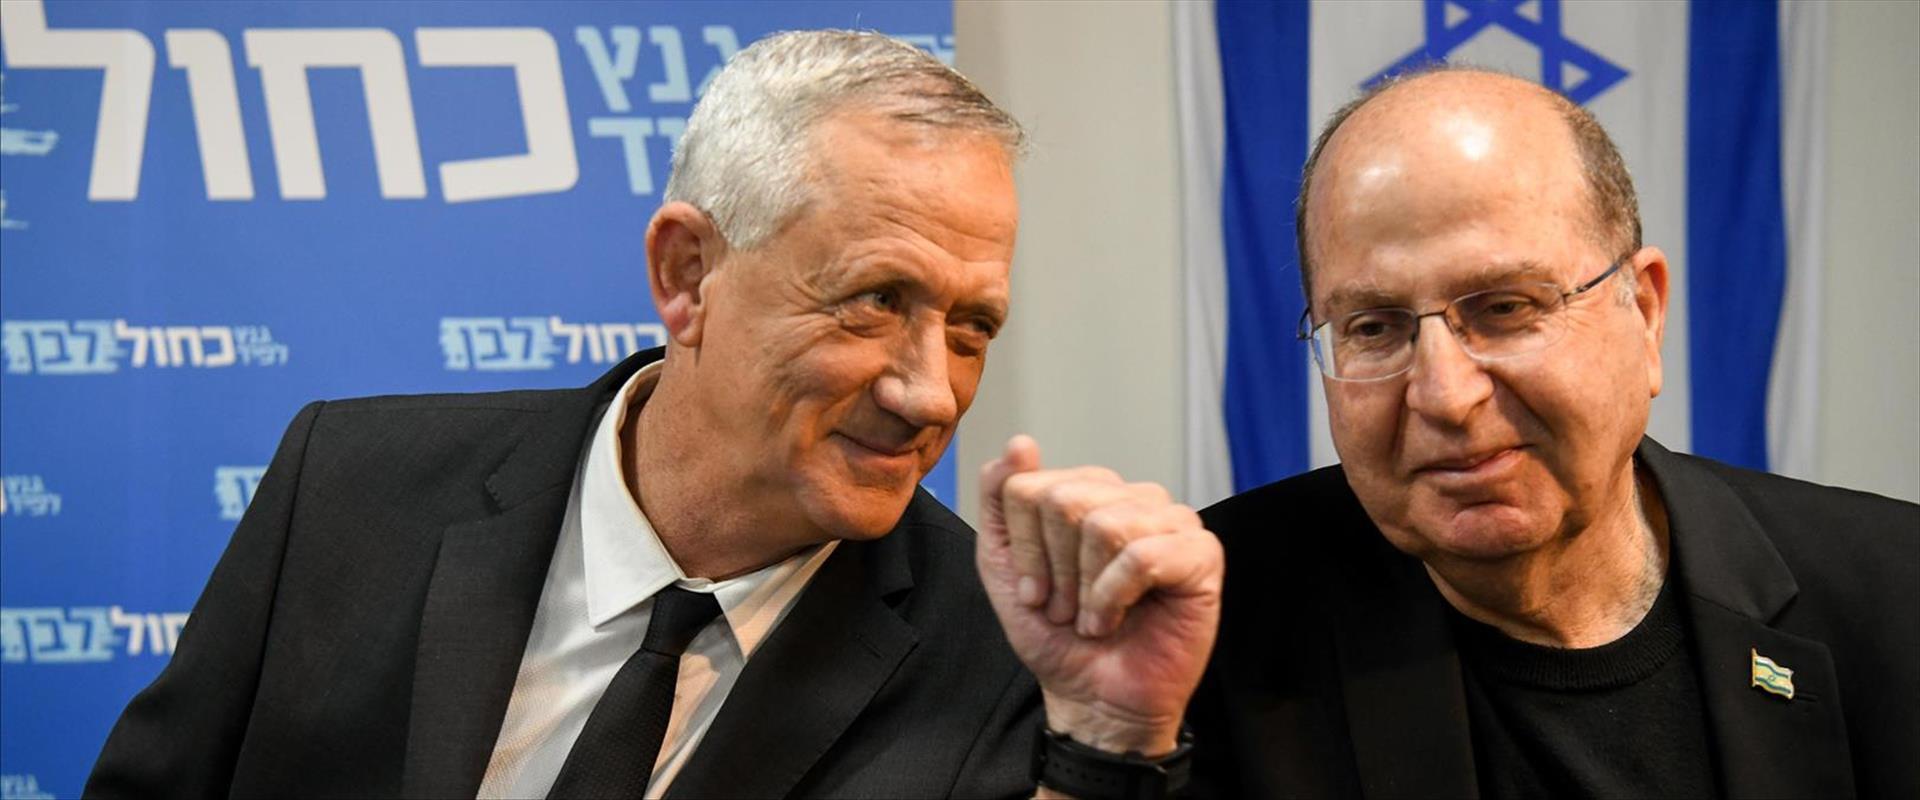 משה יעלון ובני גנץ במסיבת עיתונאים של כחול לבן, אפ